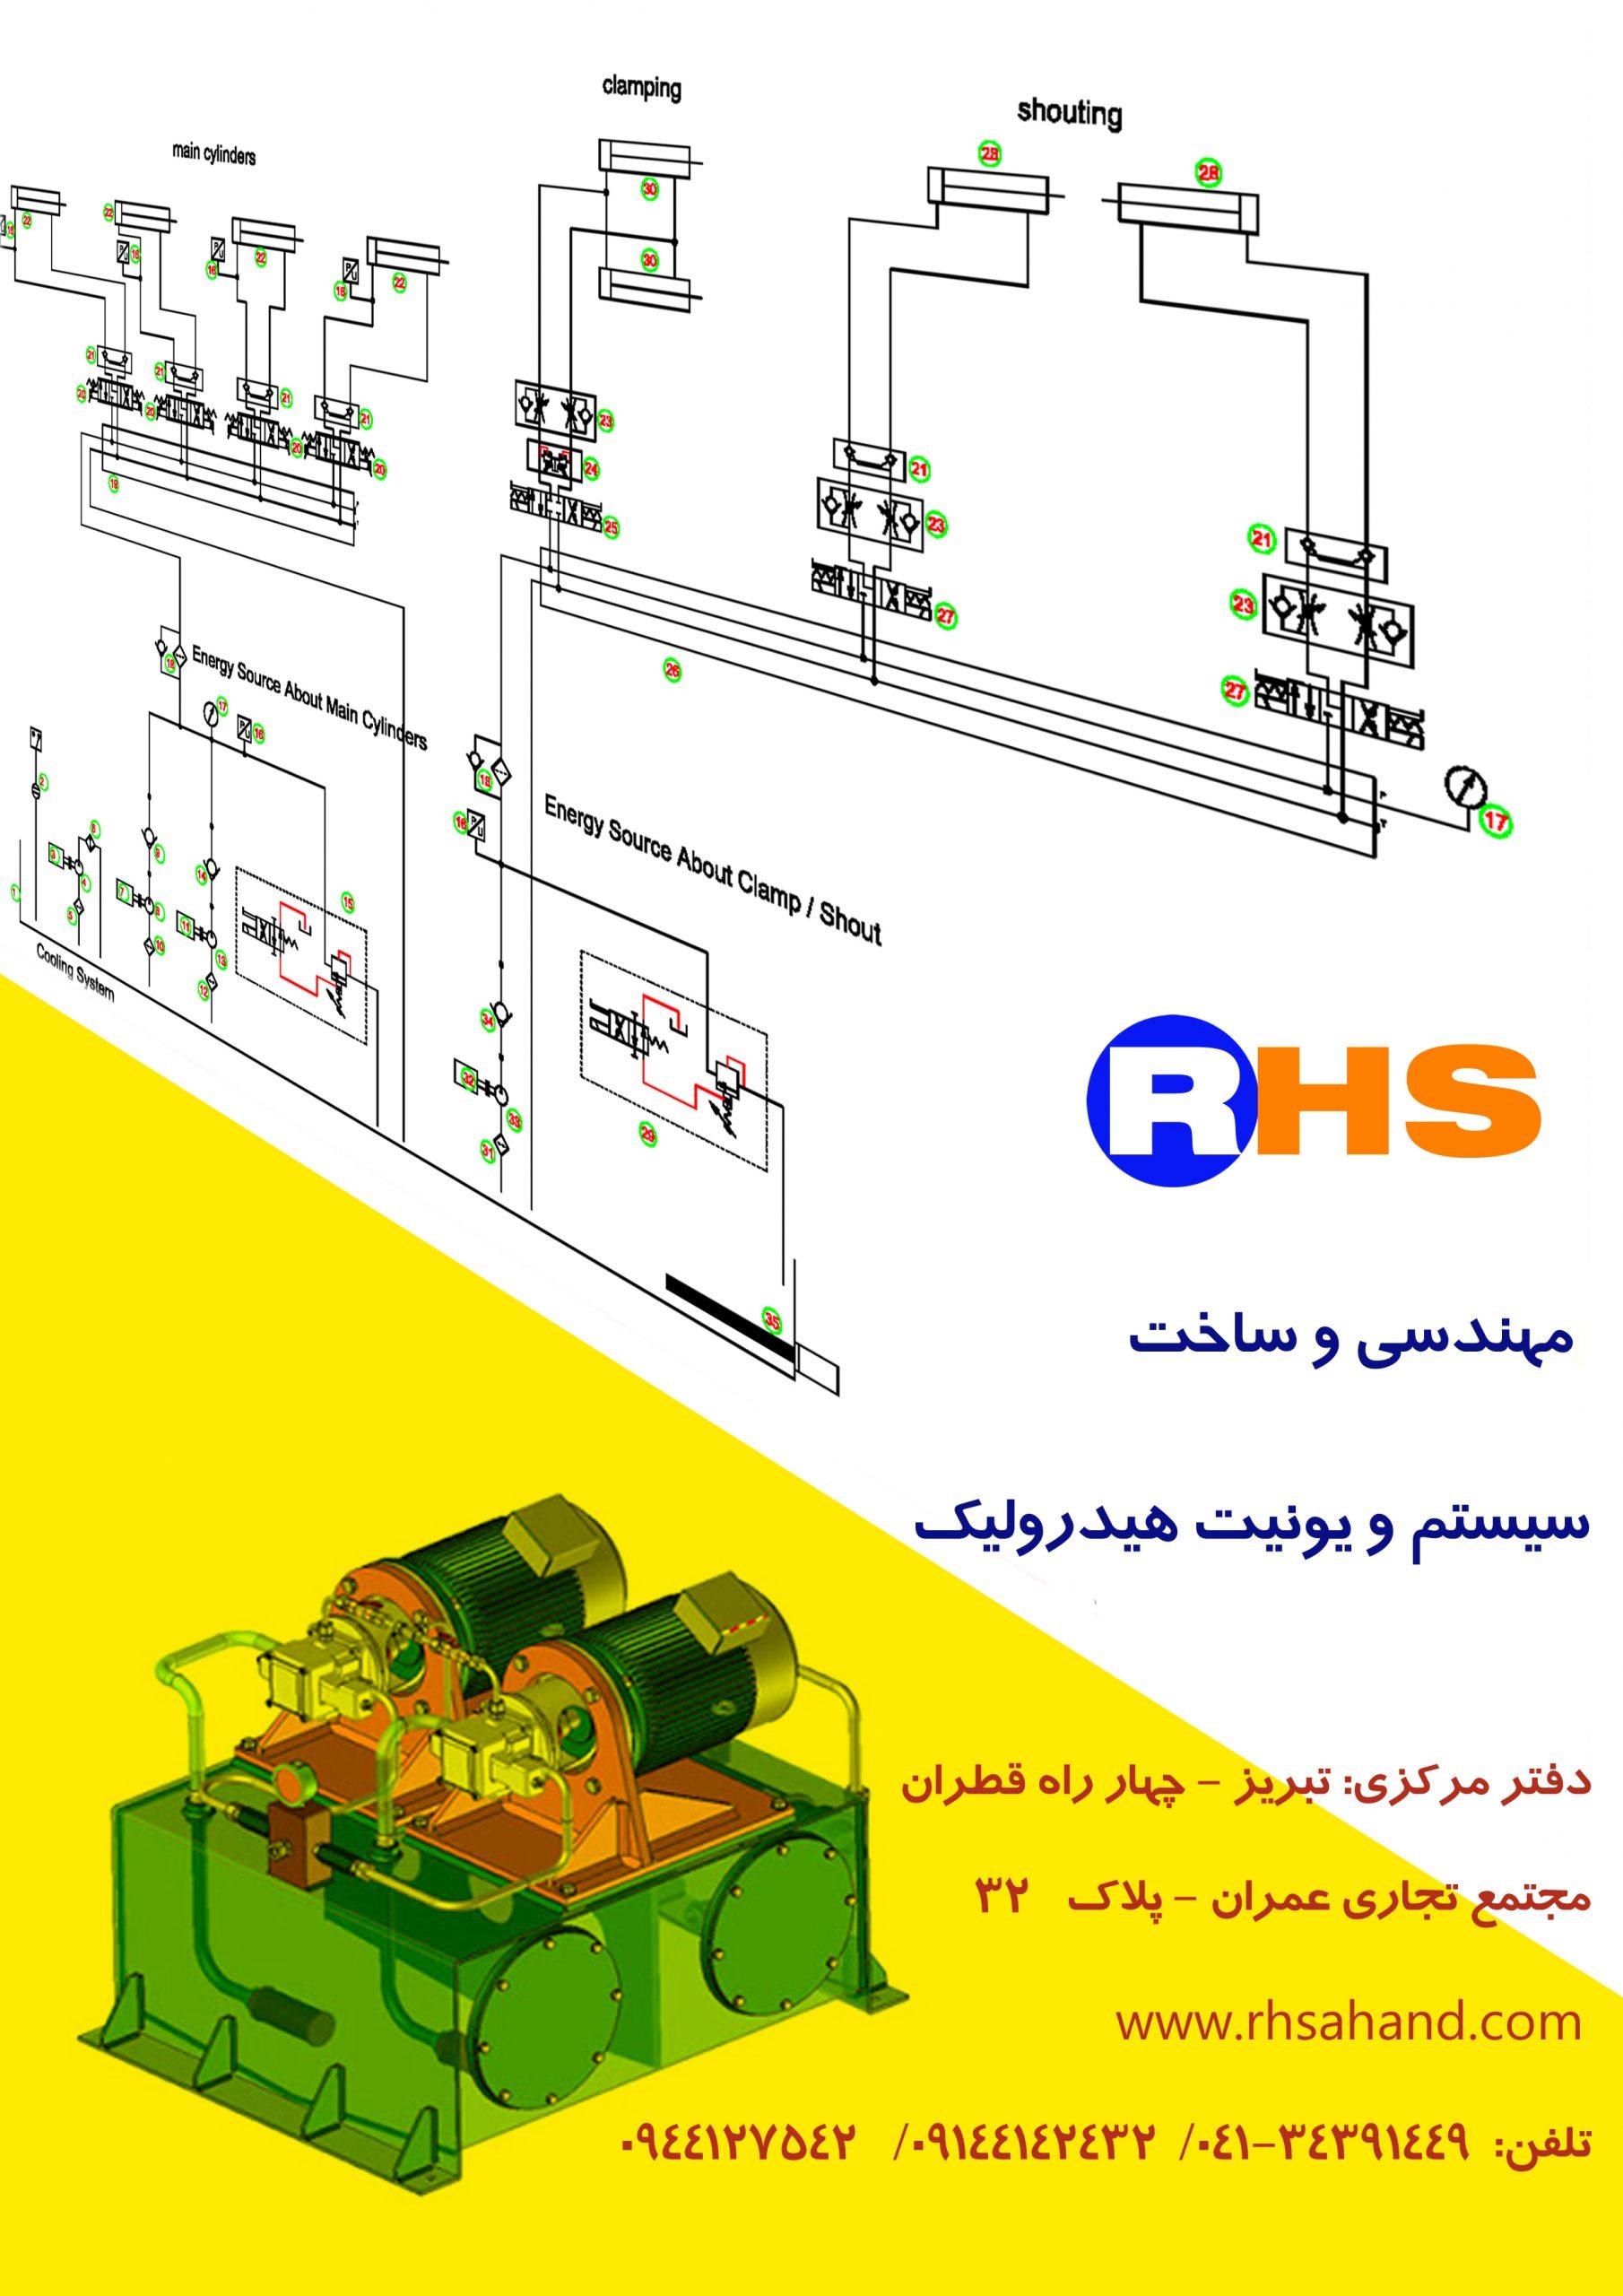 پاوریونیت هیدرولیک - شرکت RHS